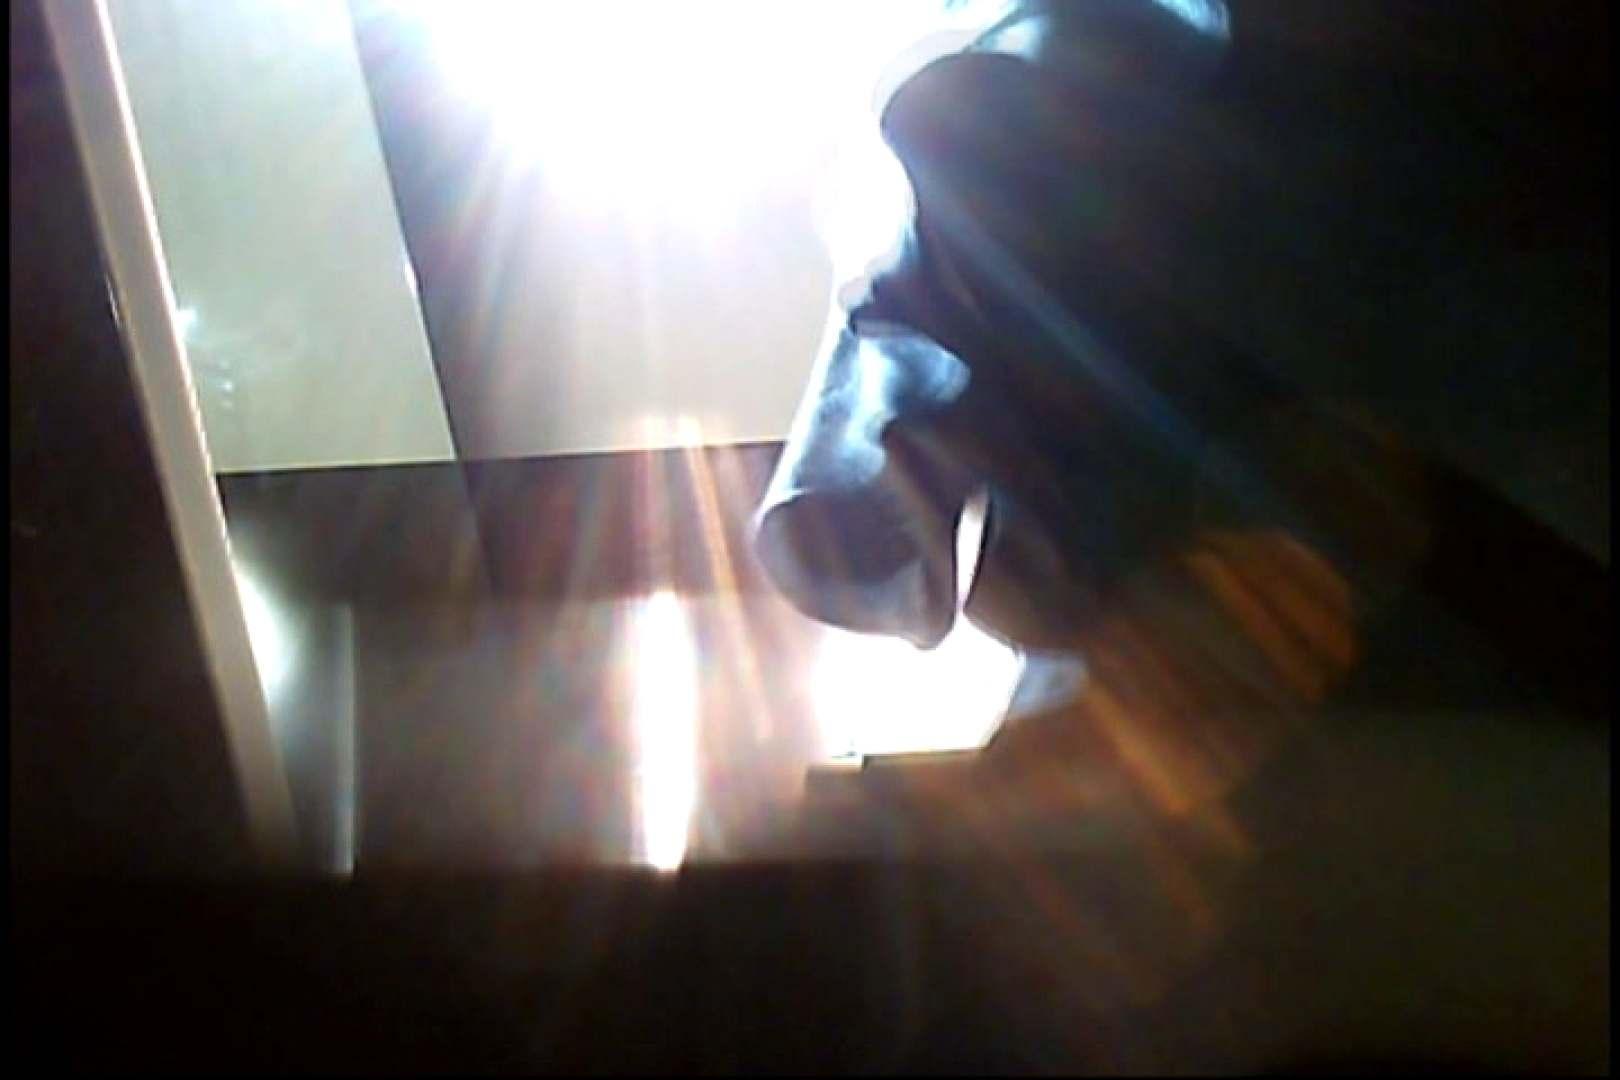 亀さんかわや VIPバージョン! vol.38 マンコ・ムレムレ アダルト動画キャプチャ 107pic 44